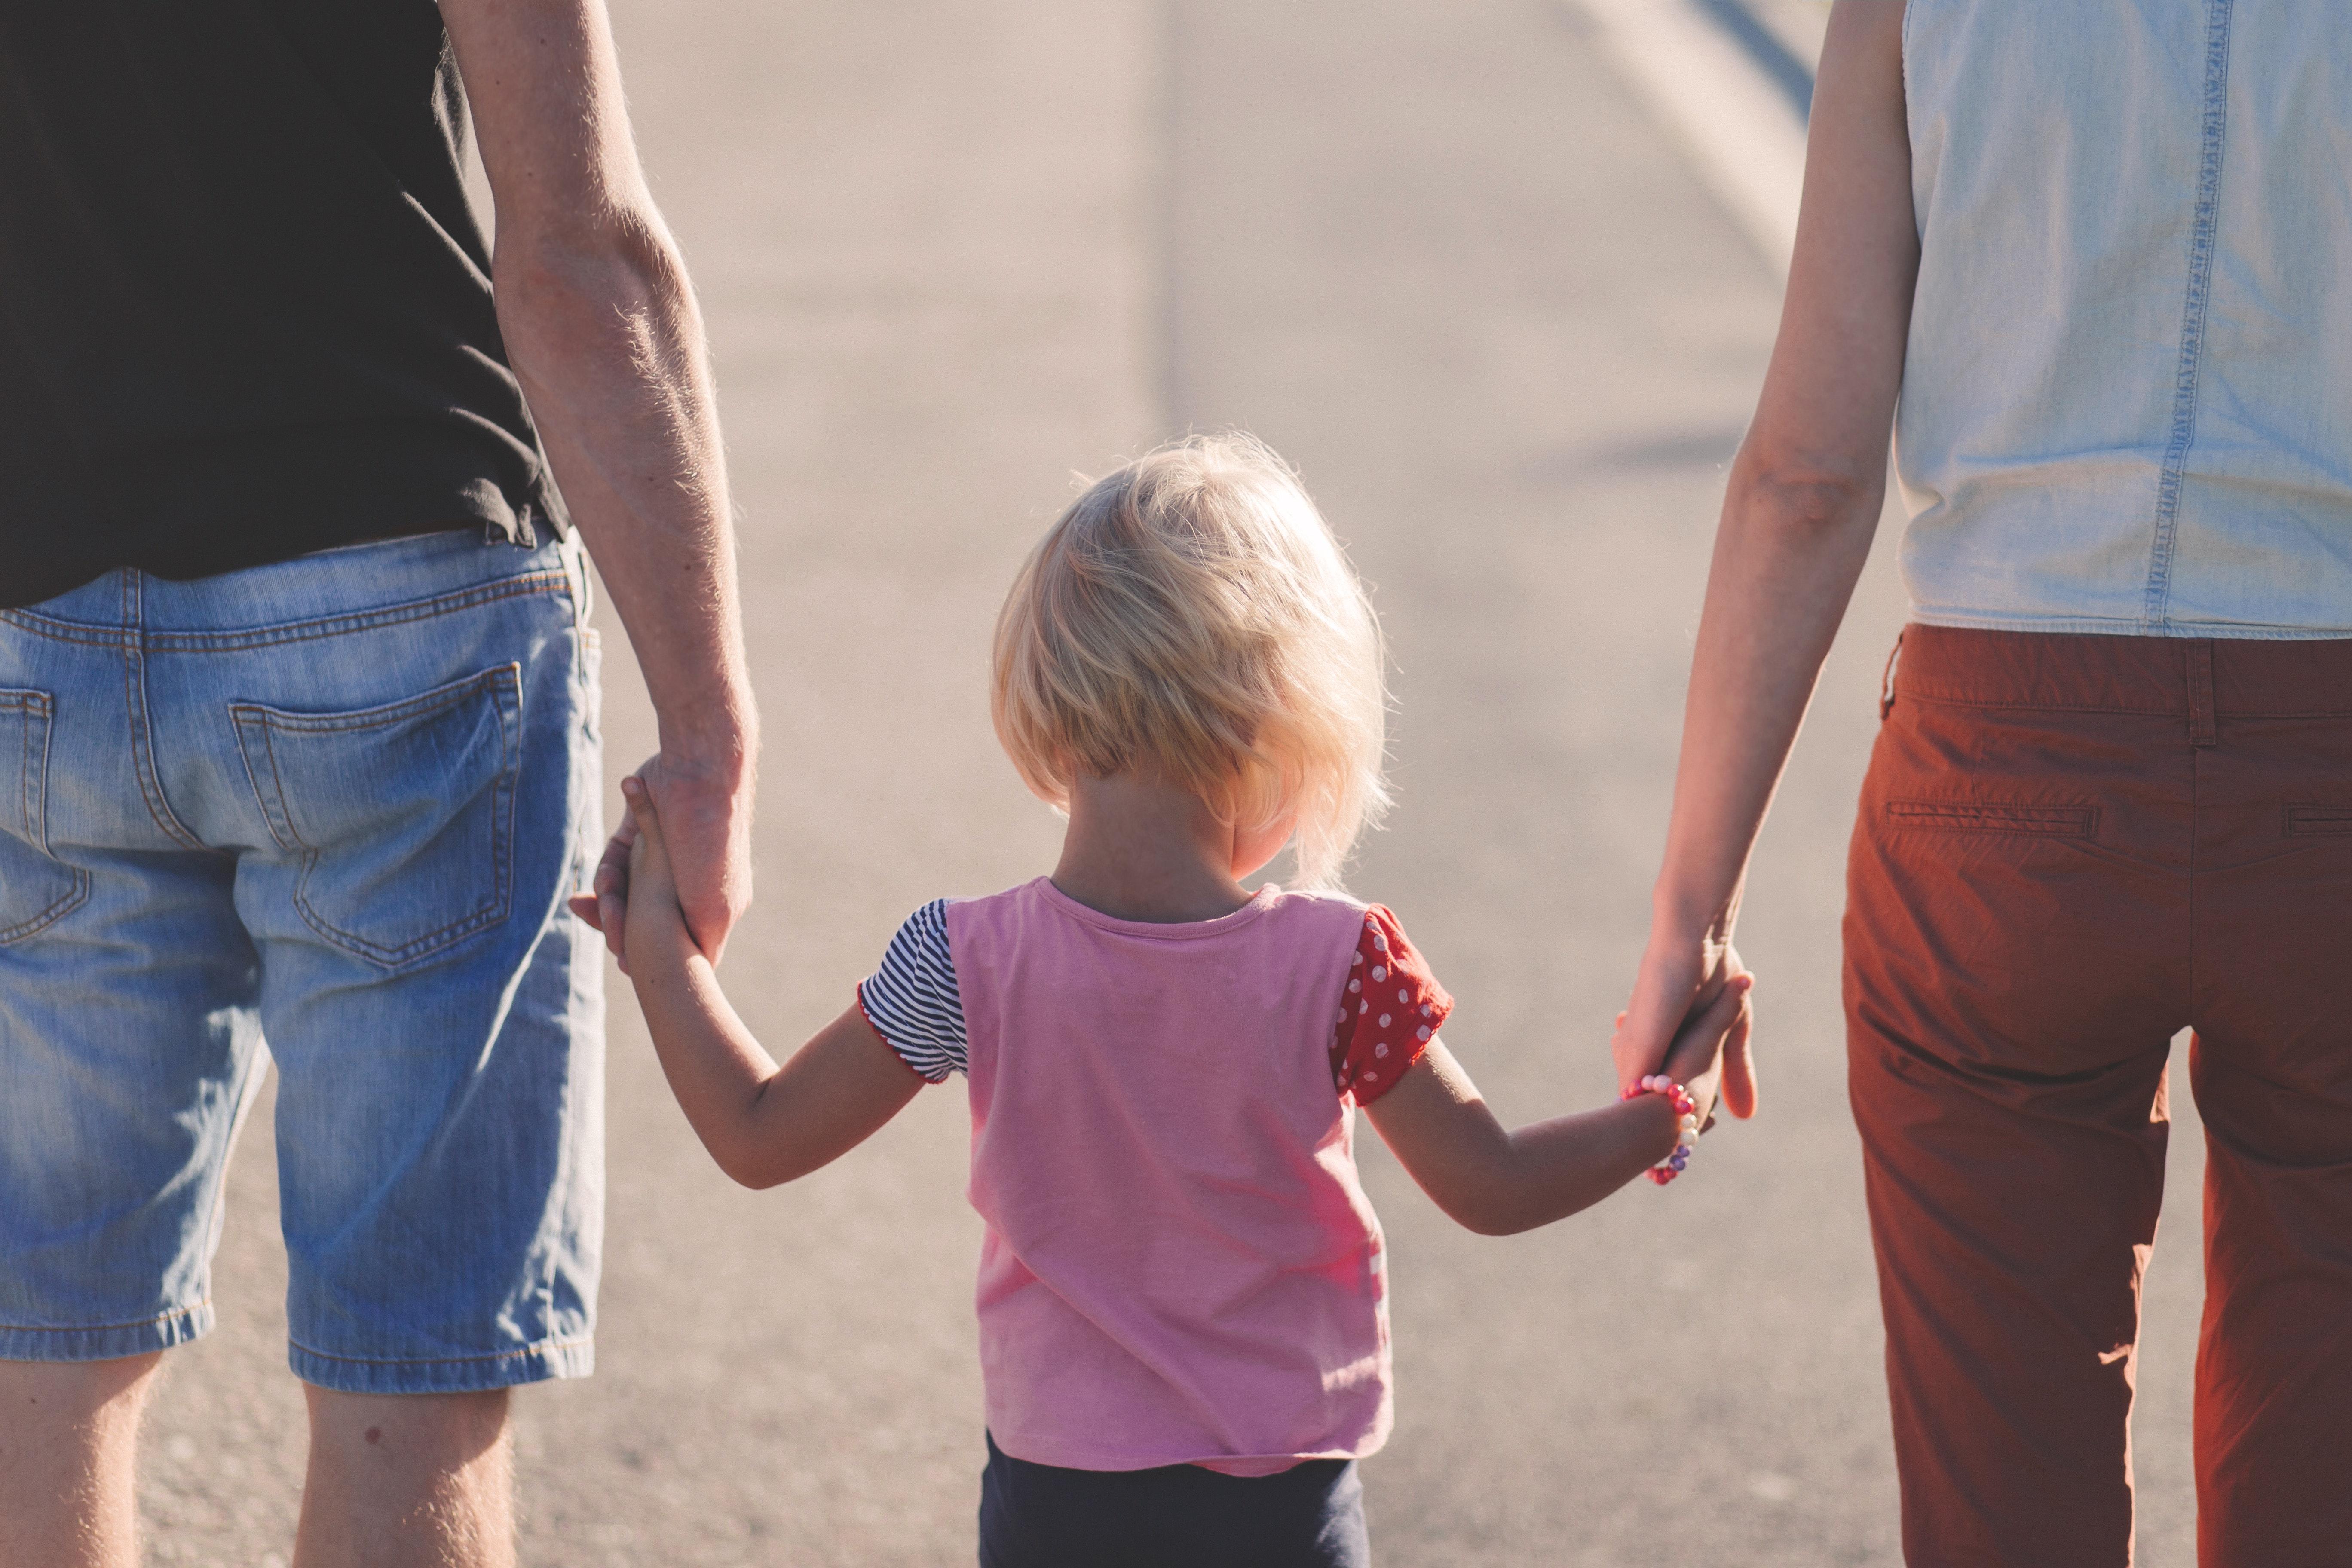 日本人の配偶者と離婚して子育てする際の在留資格はどうすればいいの?